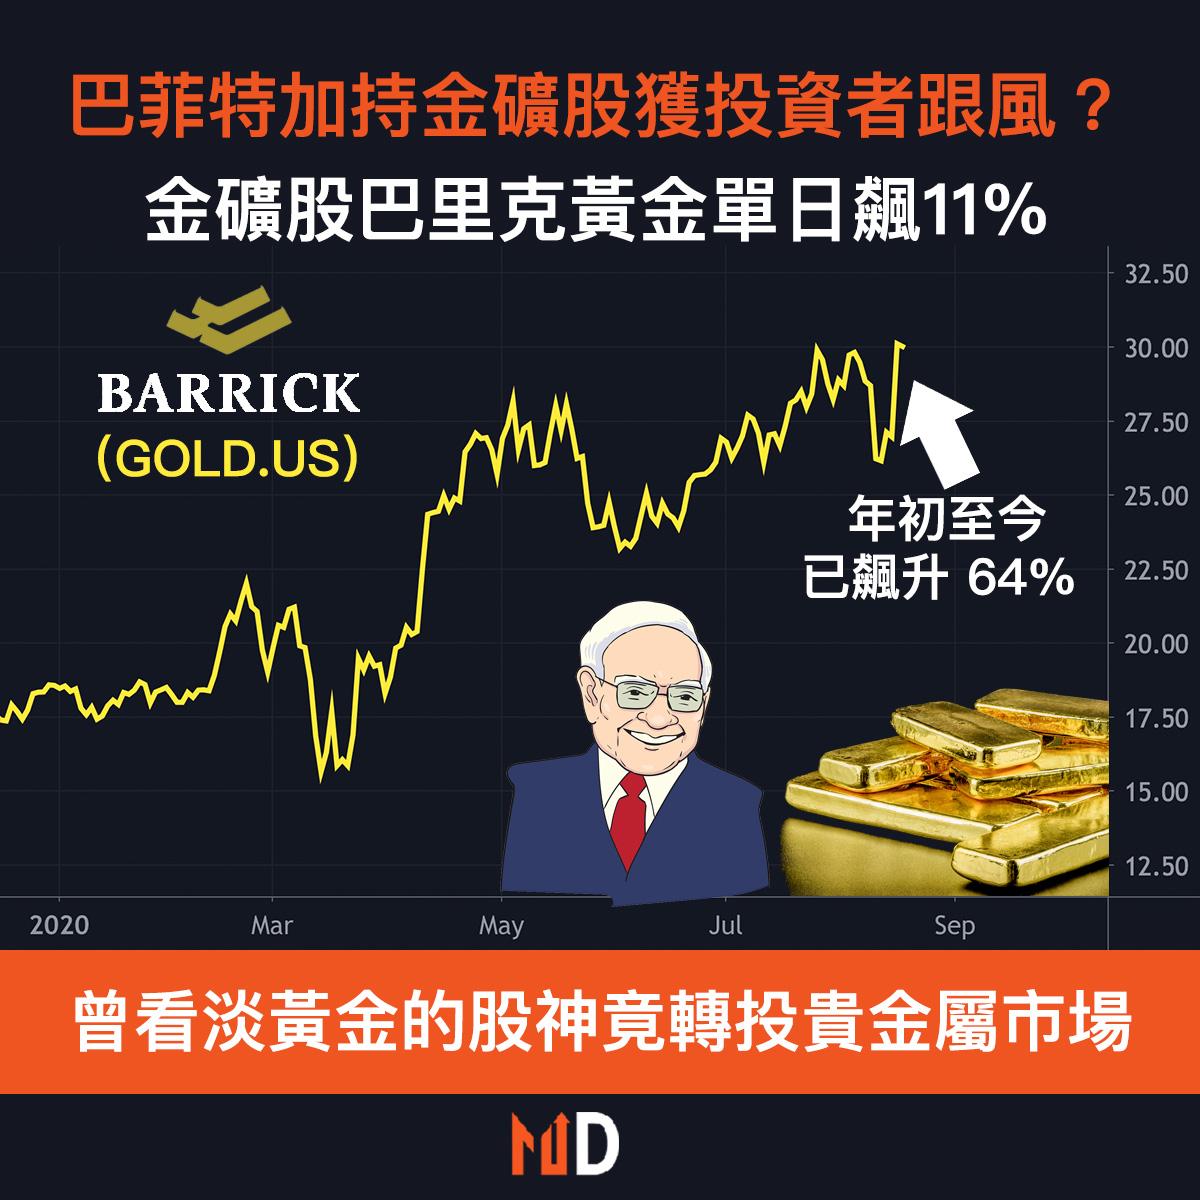 【圖解股市】巴菲特加持金礦股獲投資者「跟風」?巴里克黃金單日飆11%